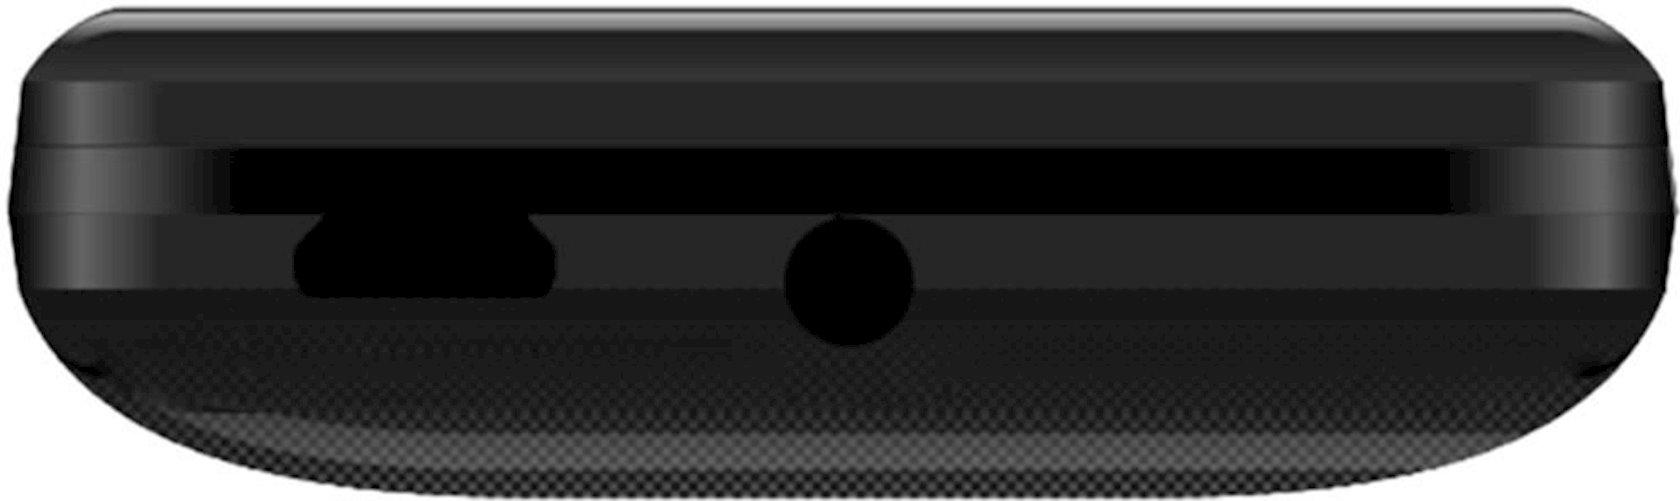 Mobil telefon Itel IT2163 Black